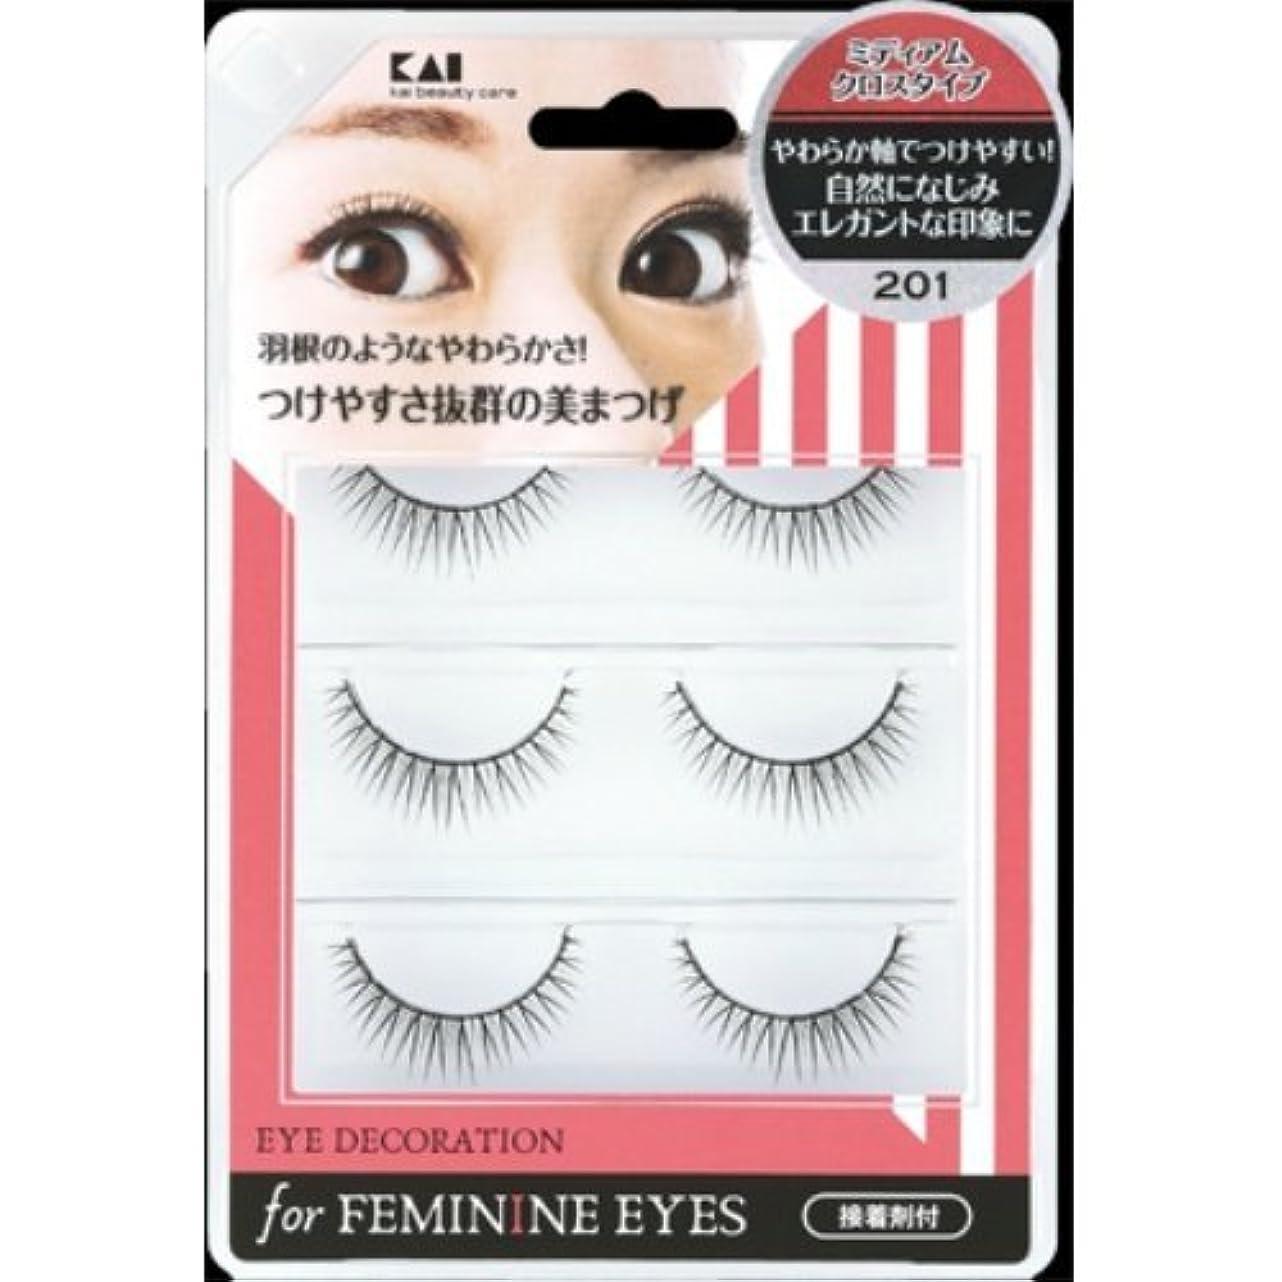 征服聞きます締め切り貝印 アイデコレーション for feminine eyes 201 HC1558